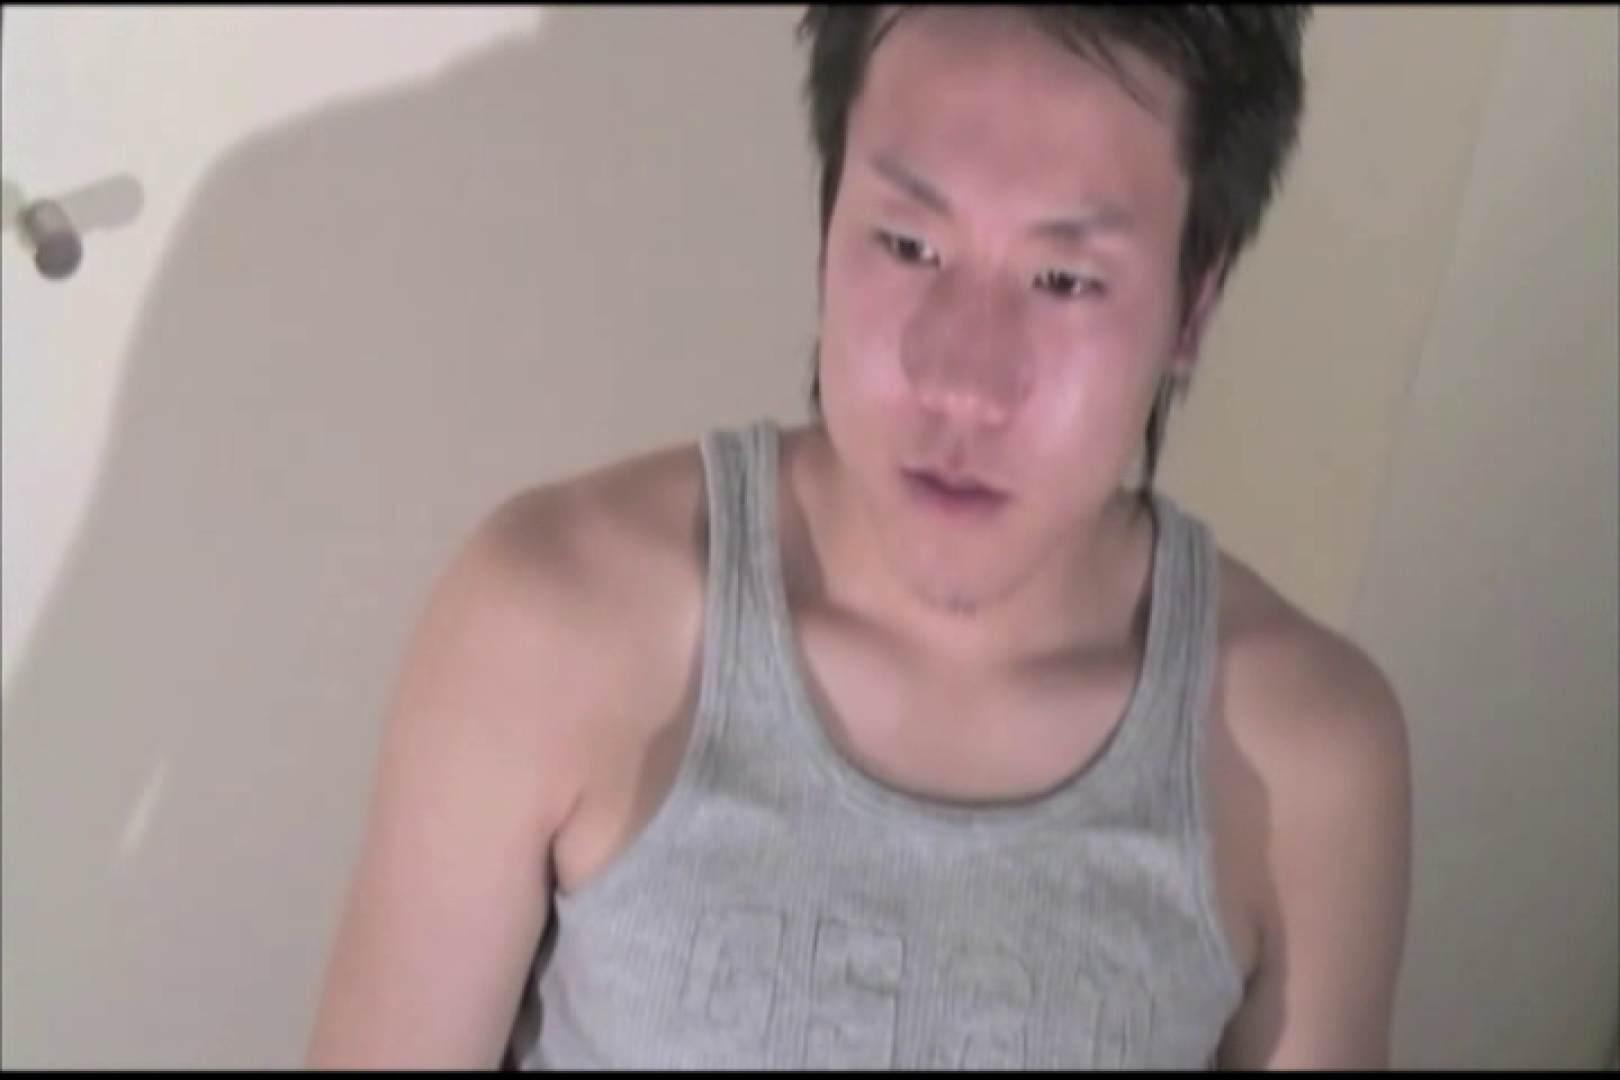 モデルにいそうな切れ長の目をもつイケメン。 スジ筋系男子 ゲイ無料エロ画像 87枚 4